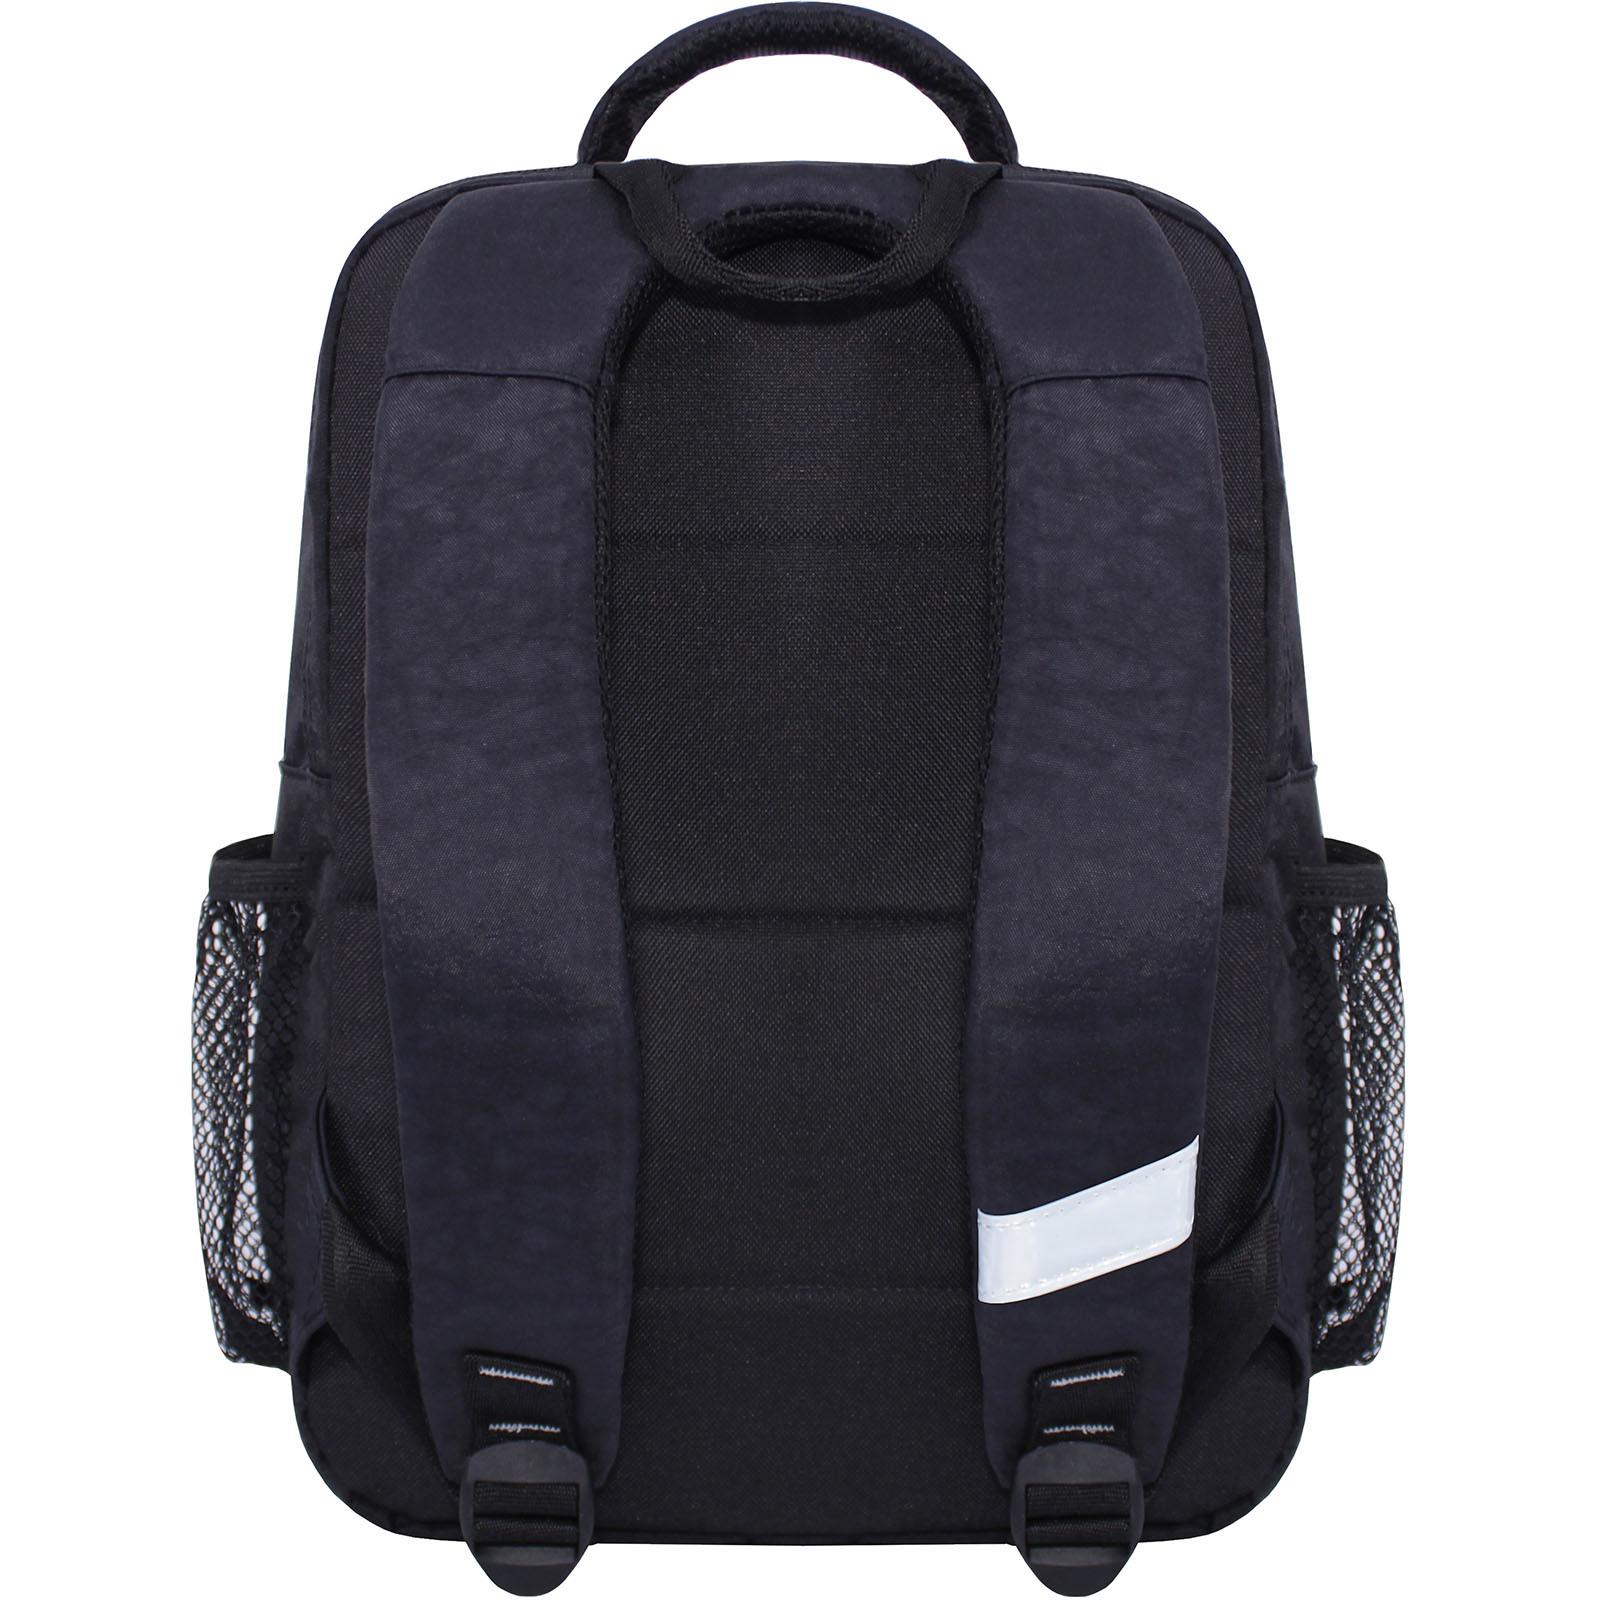 Рюкзак школьный Bagland Школьник 8 л. черный 568 (00112702) фото 4